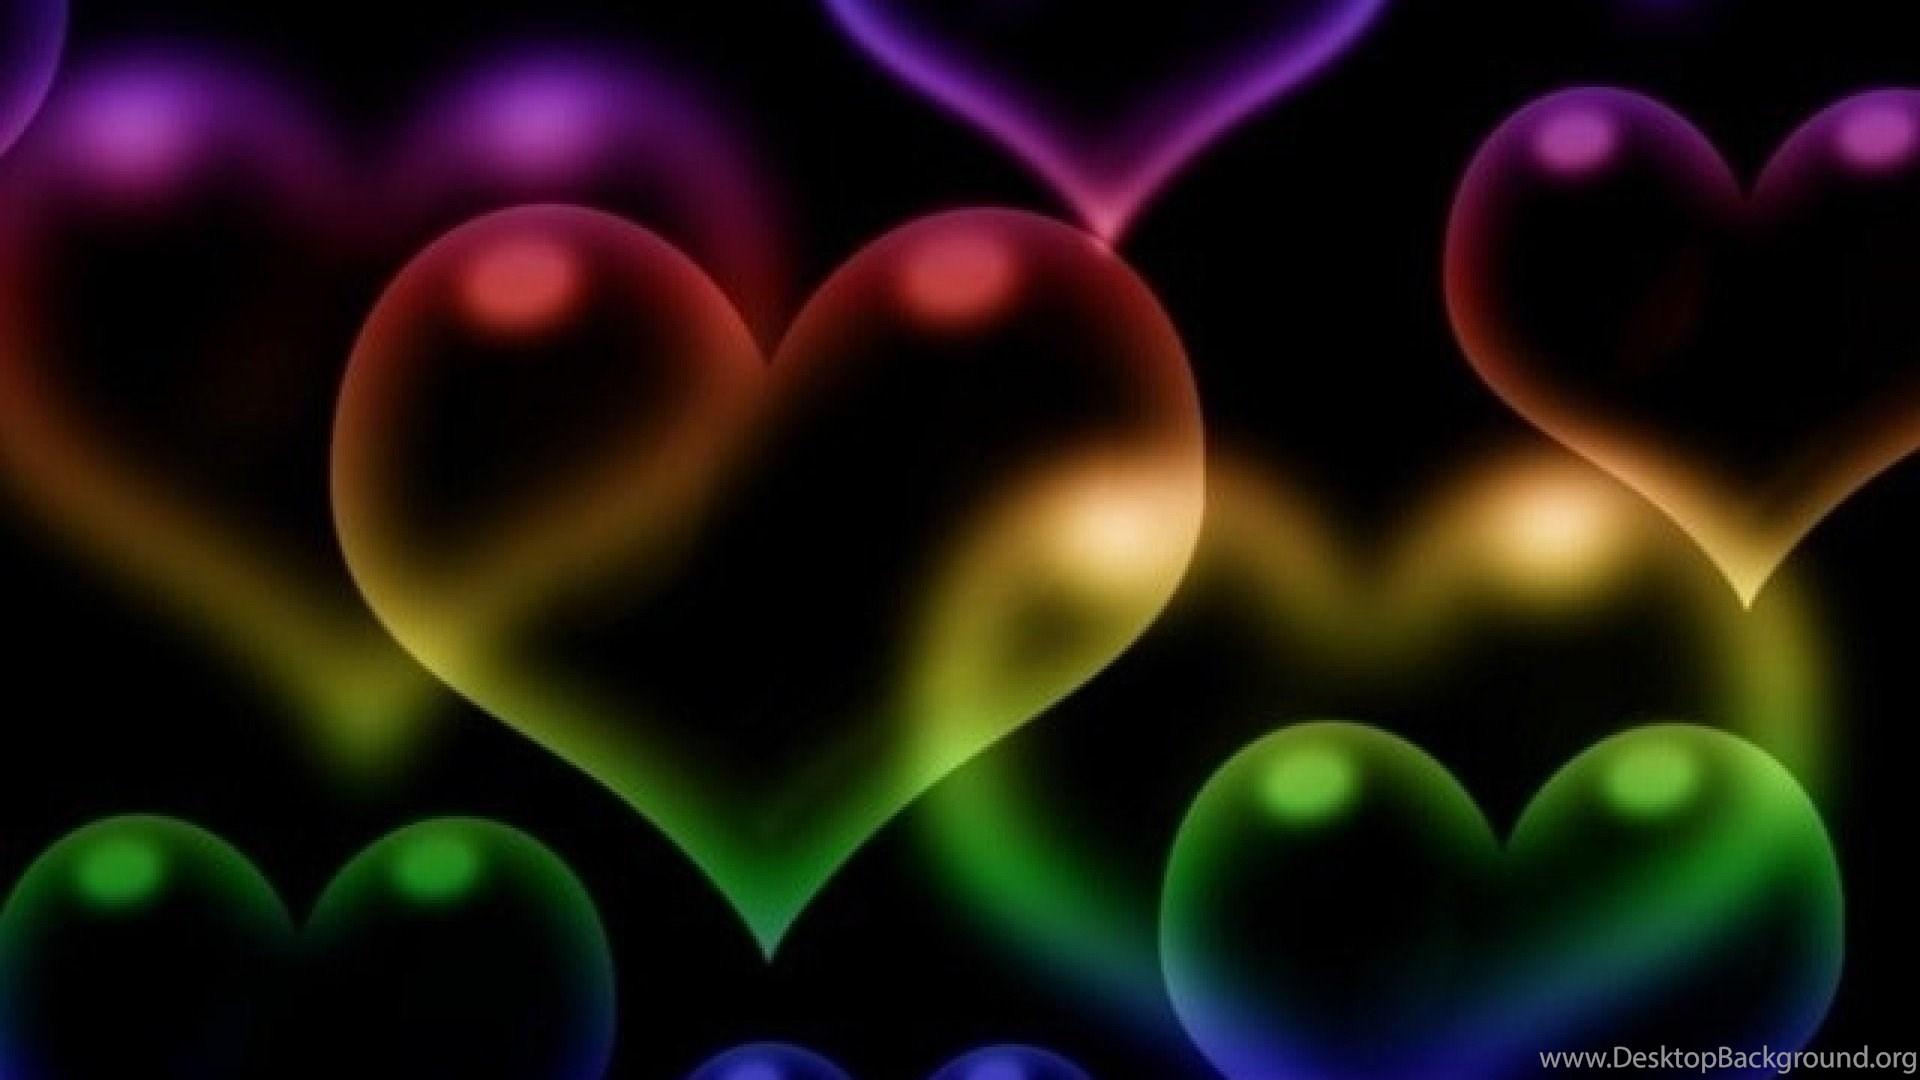 Картинки сердечки для телефона красивые